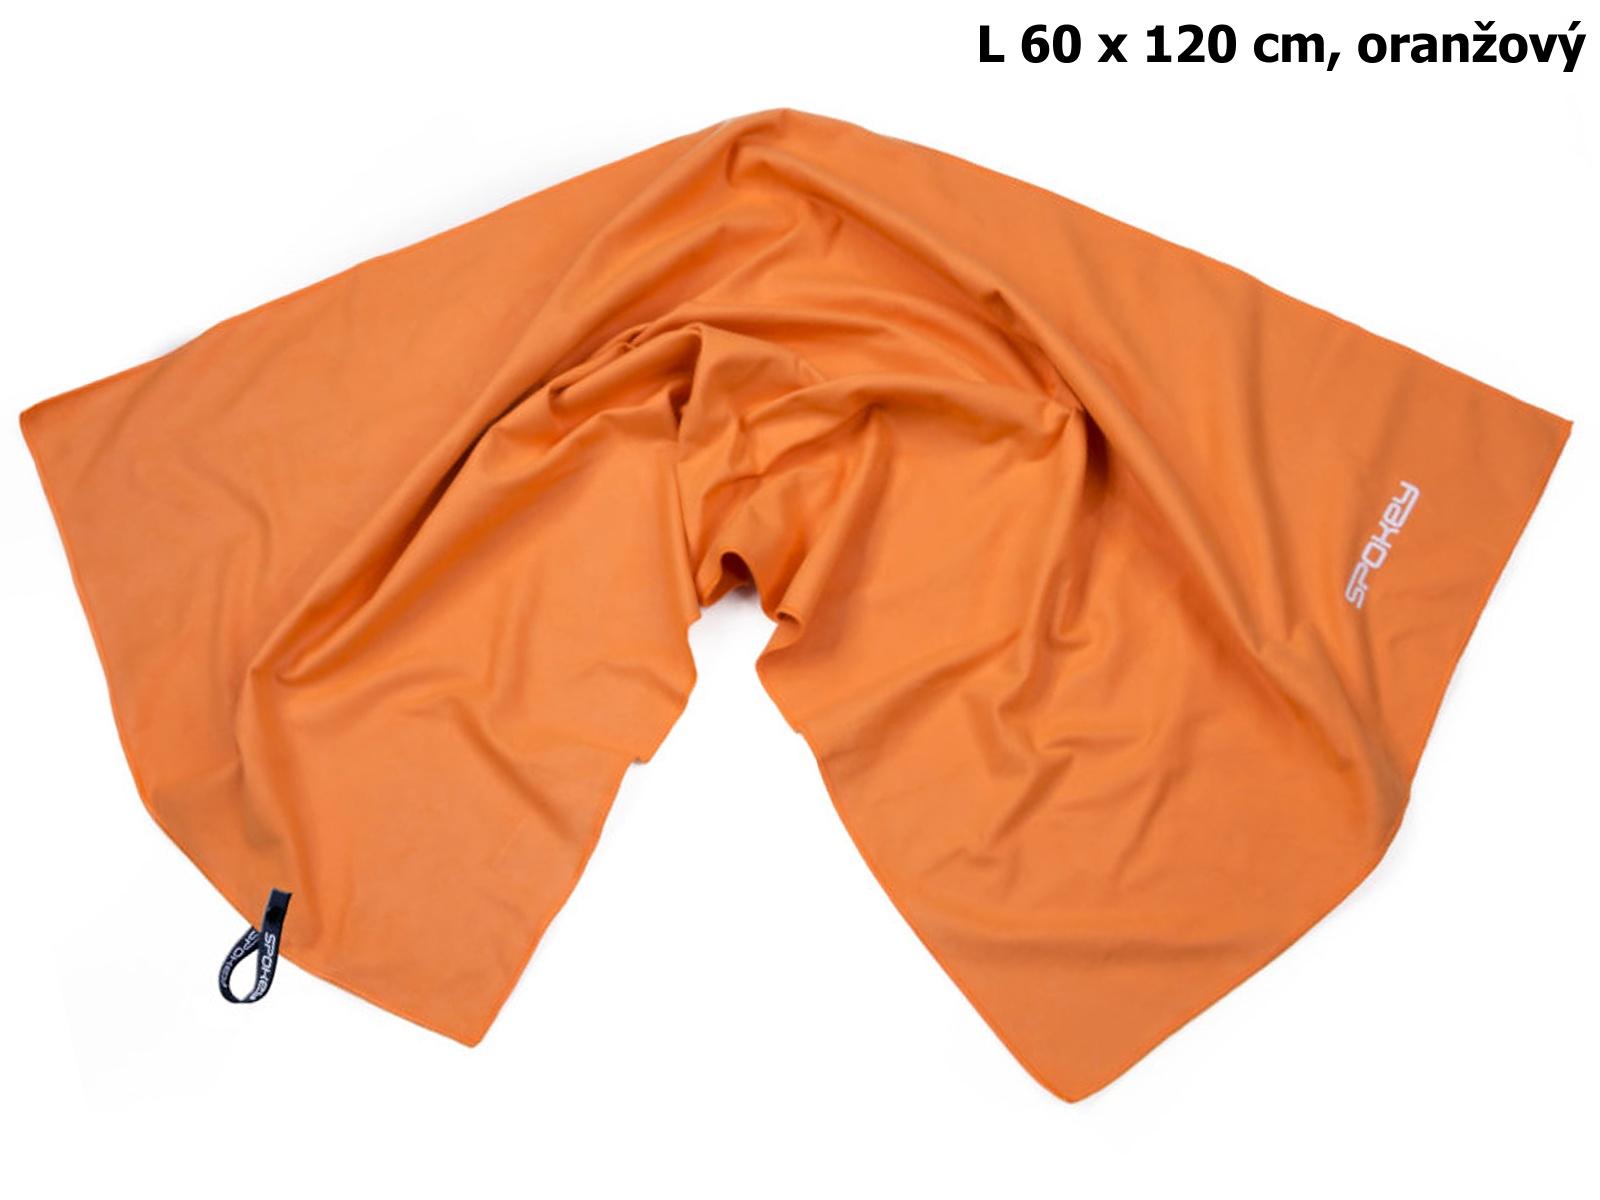 Rychleschnoucí ručník SPOKEY Sirocco L 60 x 120 cm, oranžový